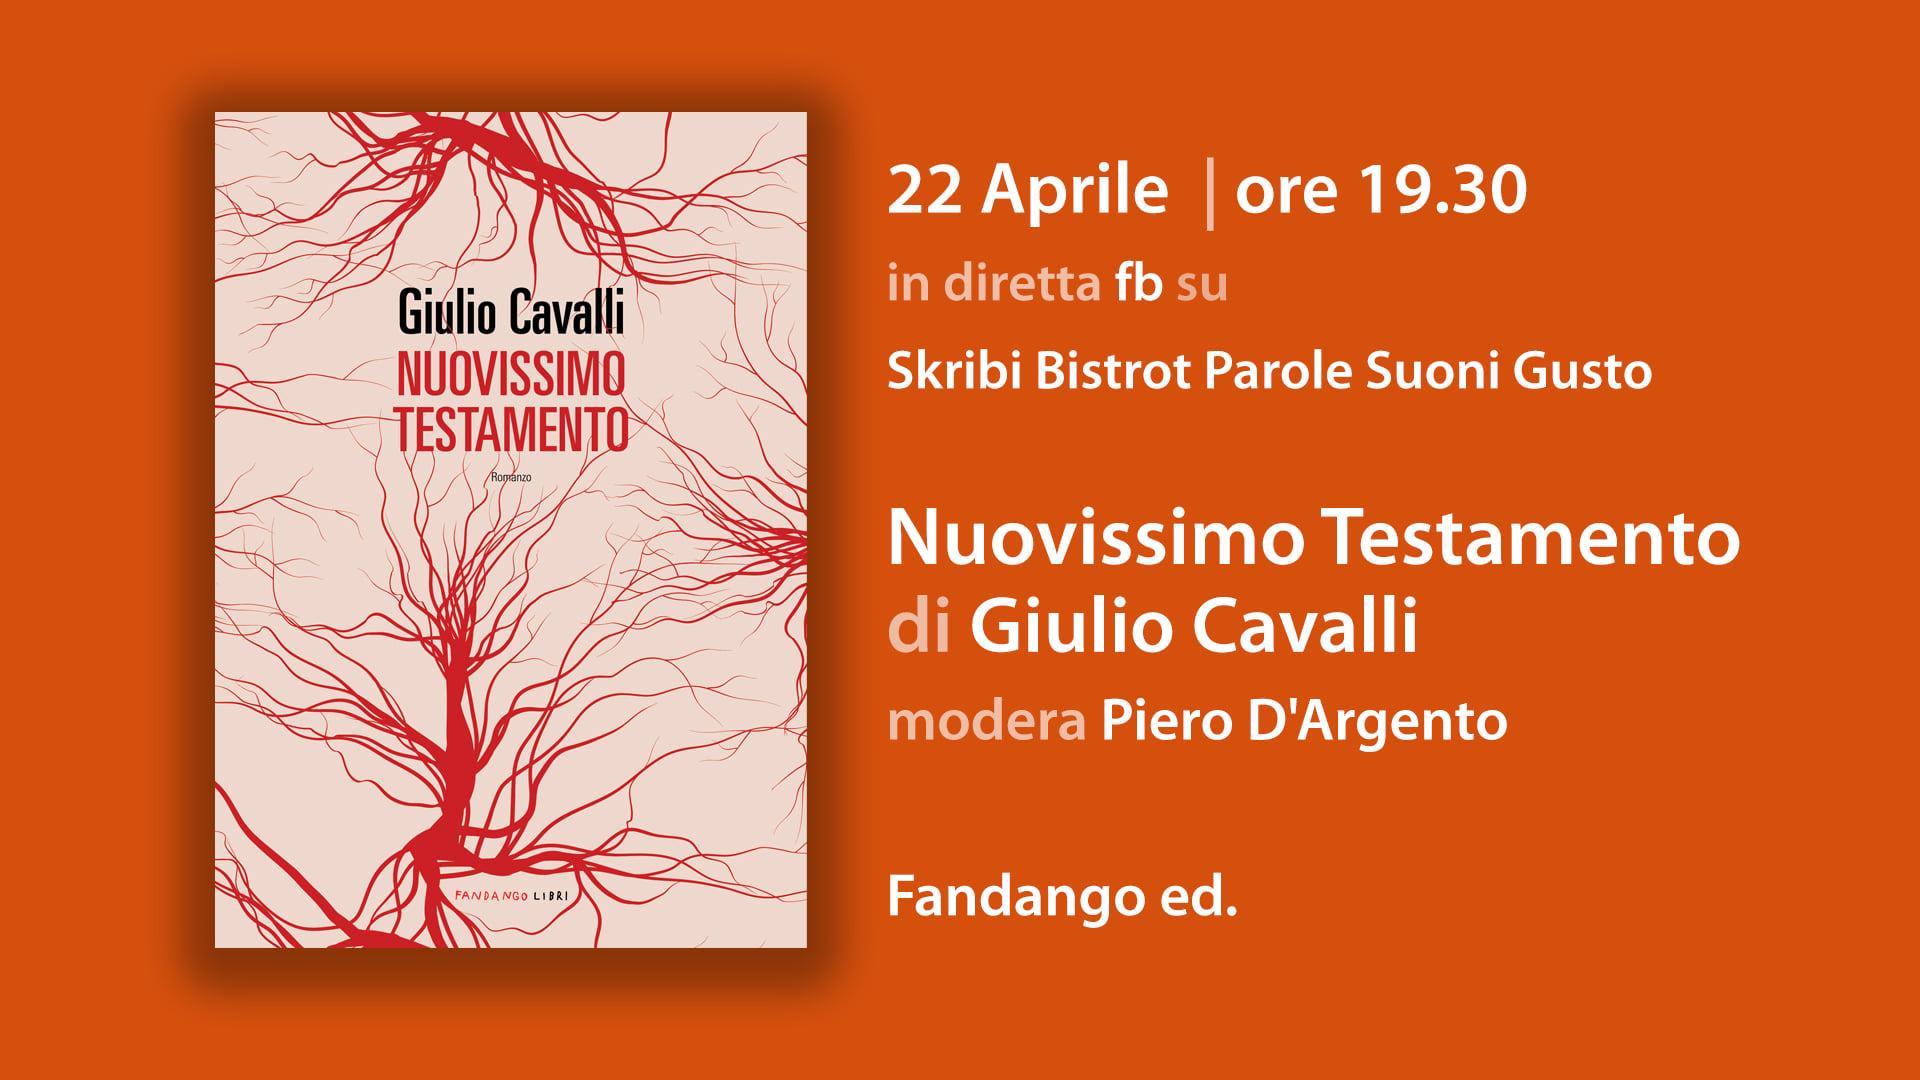 Nuovissimo testamento_presentazione con Giulio Cavalli